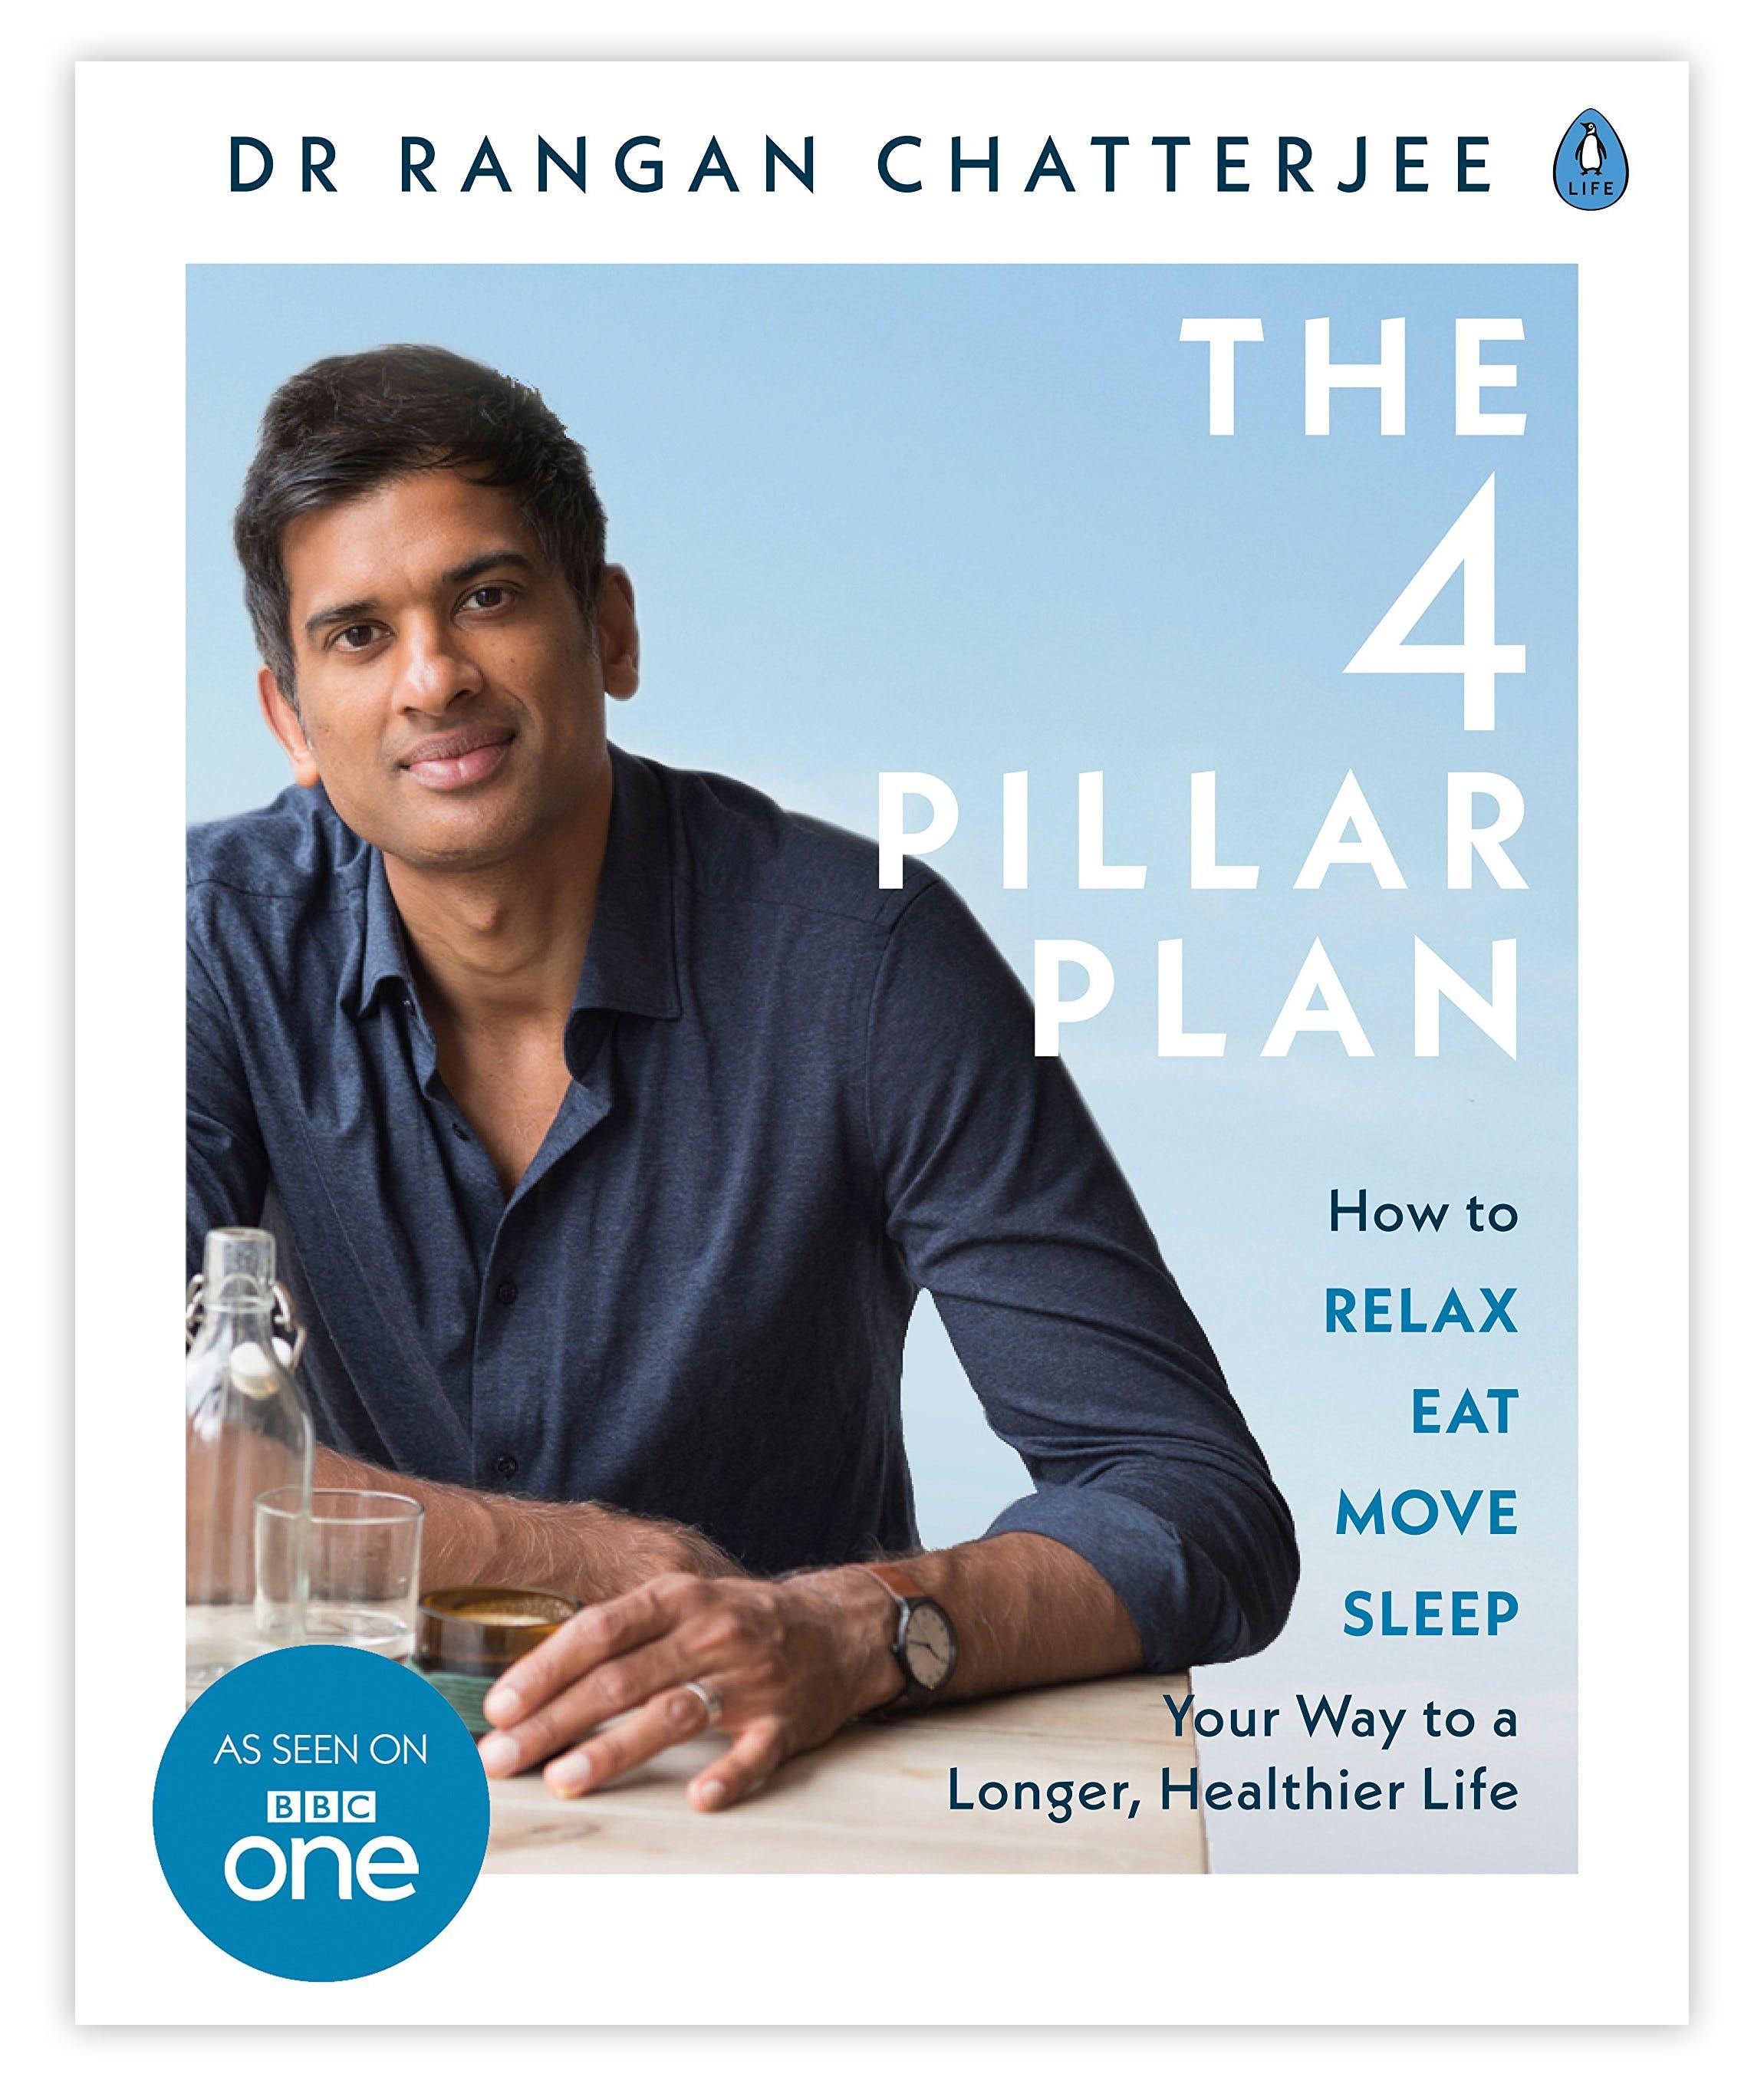 Rangan Chatterjee's The 4 Pillar Plan reaches #1 on Amazon